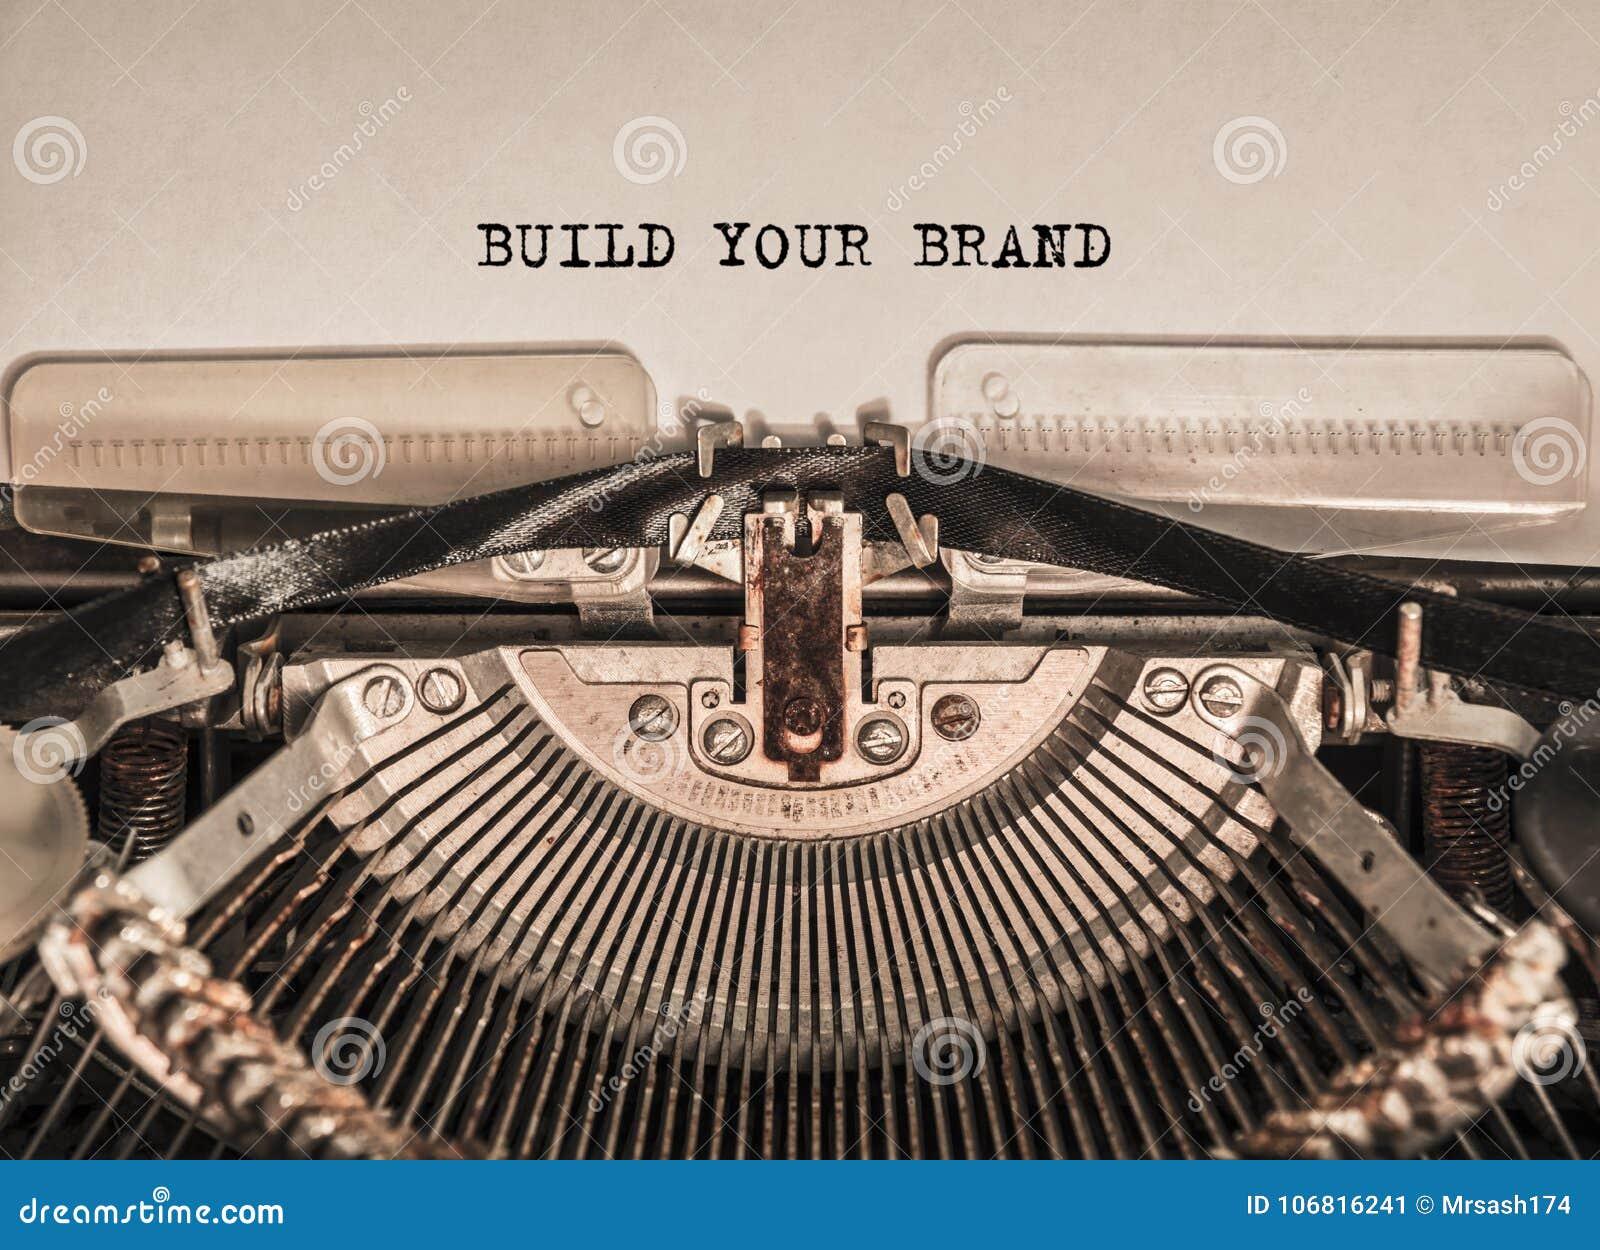 建立您的品牌打印了词